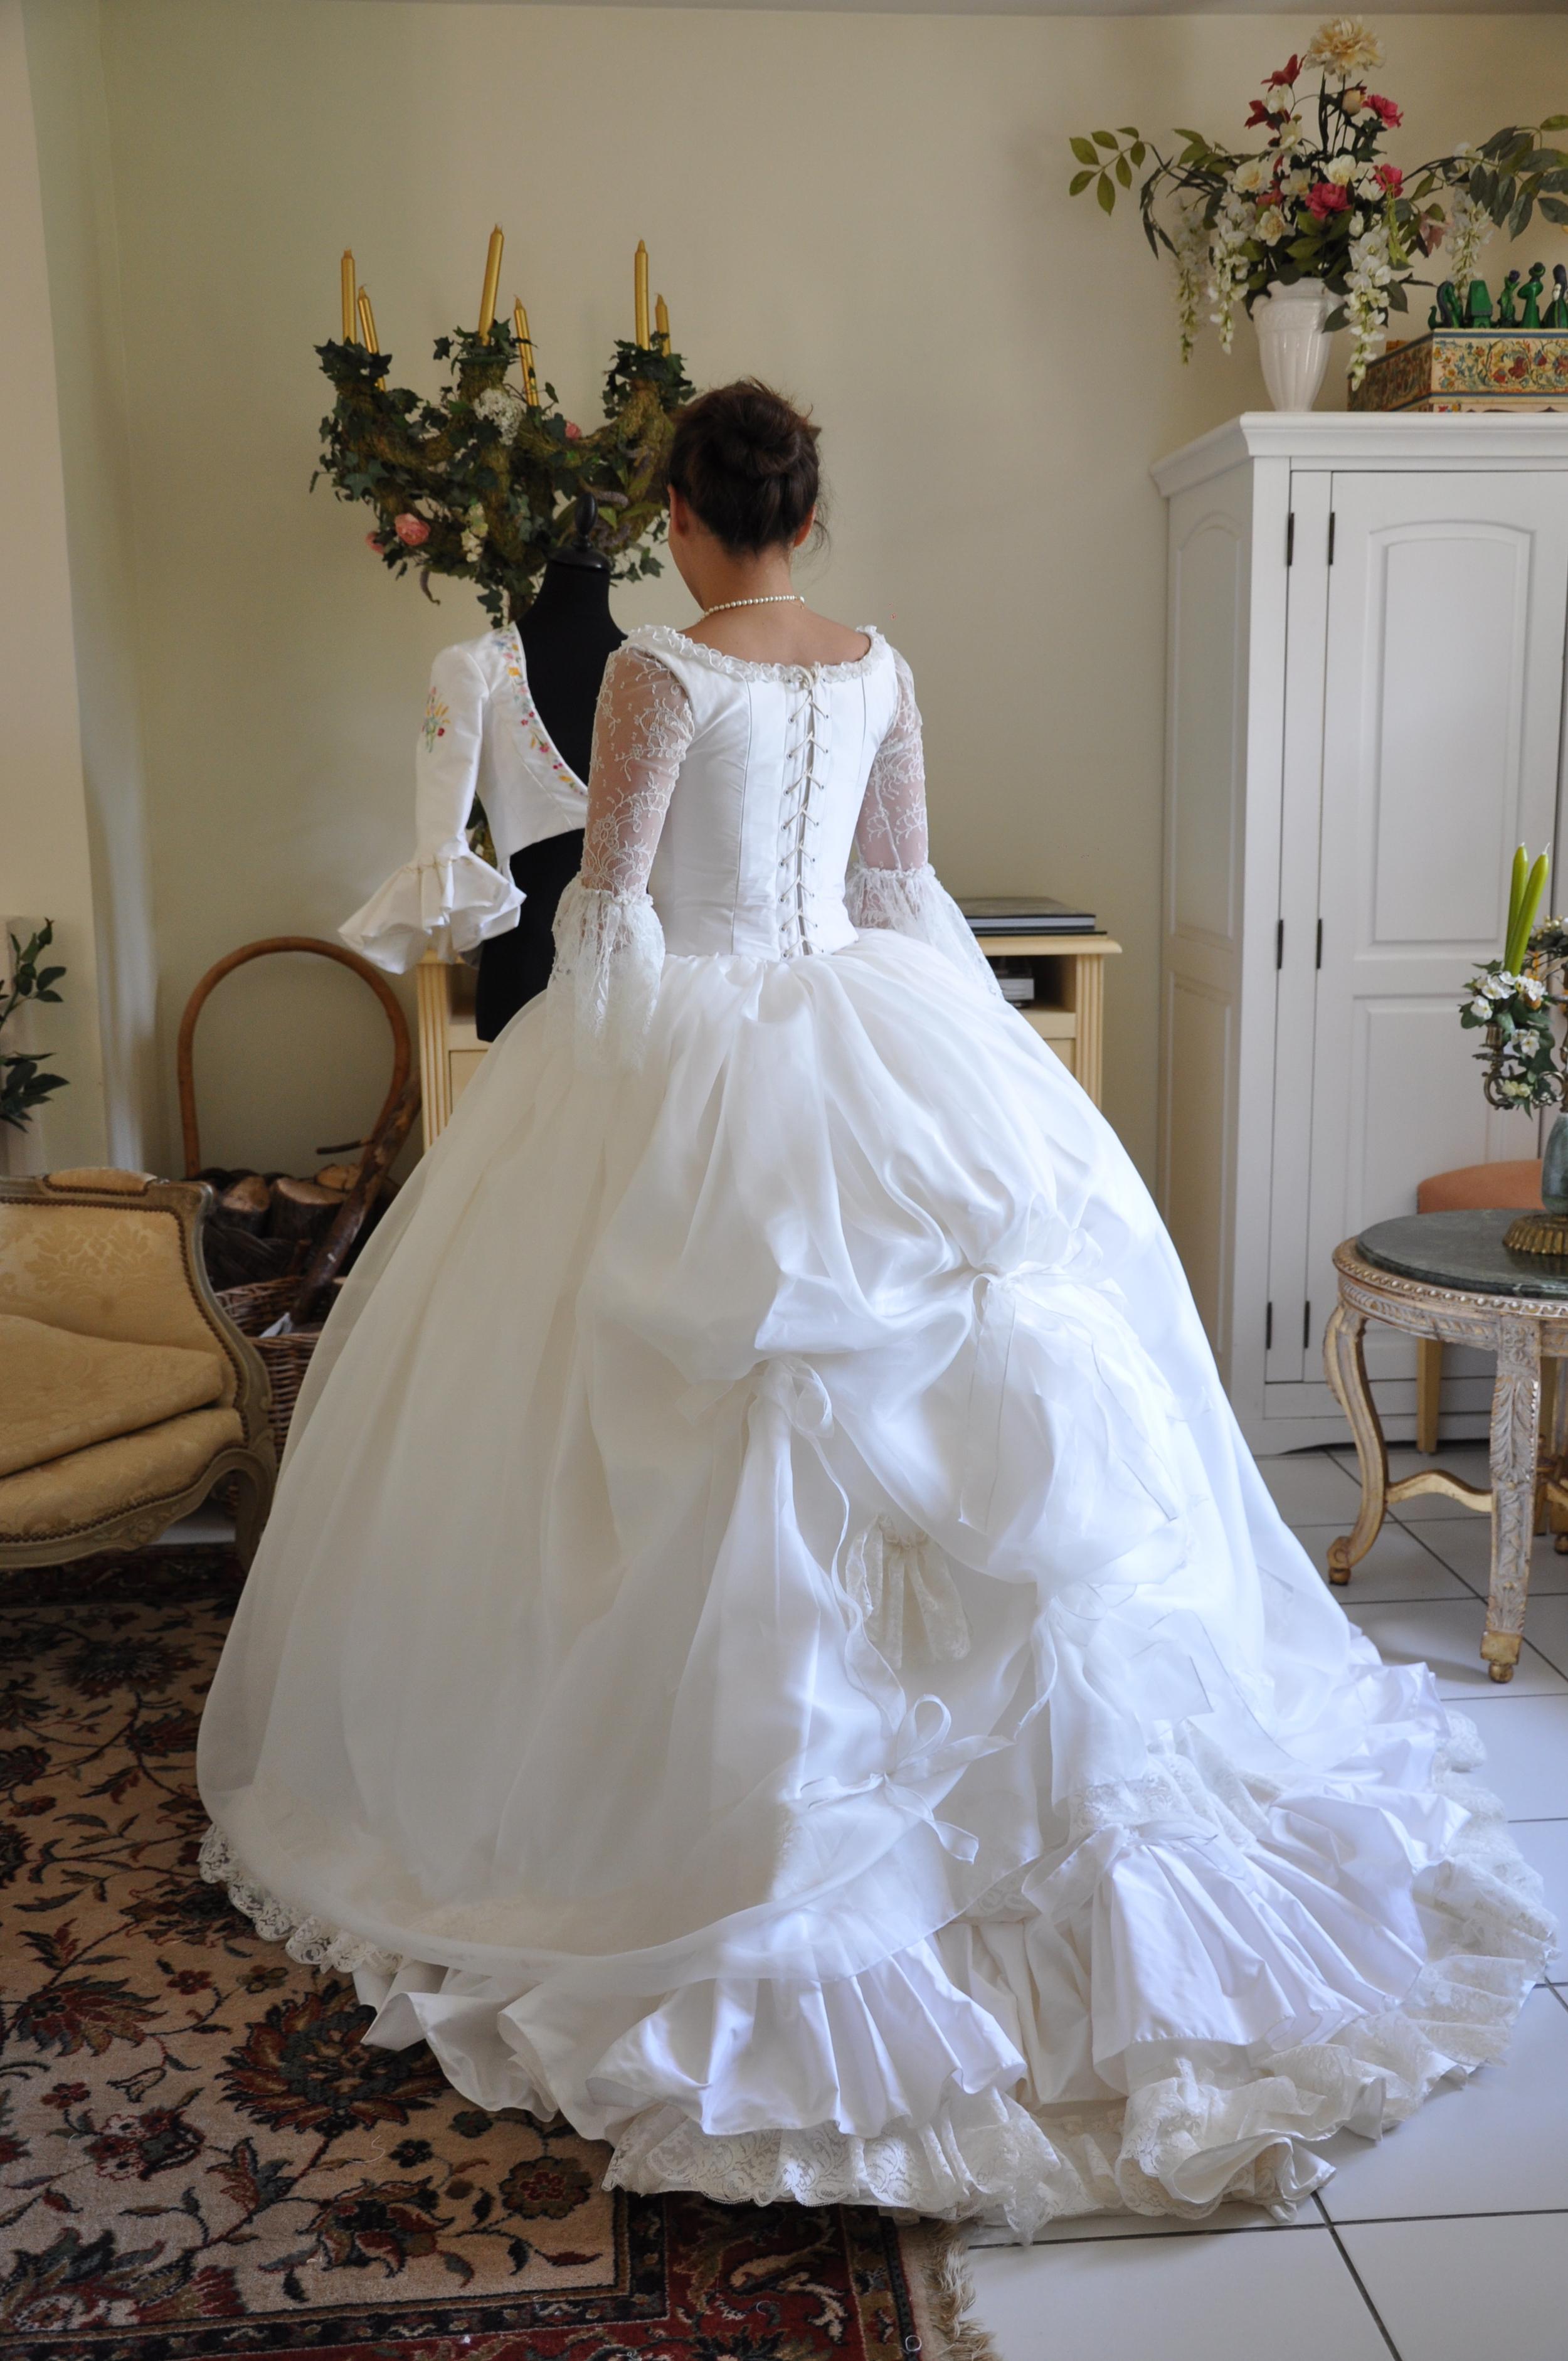 Robe de mariée en soie et dentelle de Calais avec petite traîne